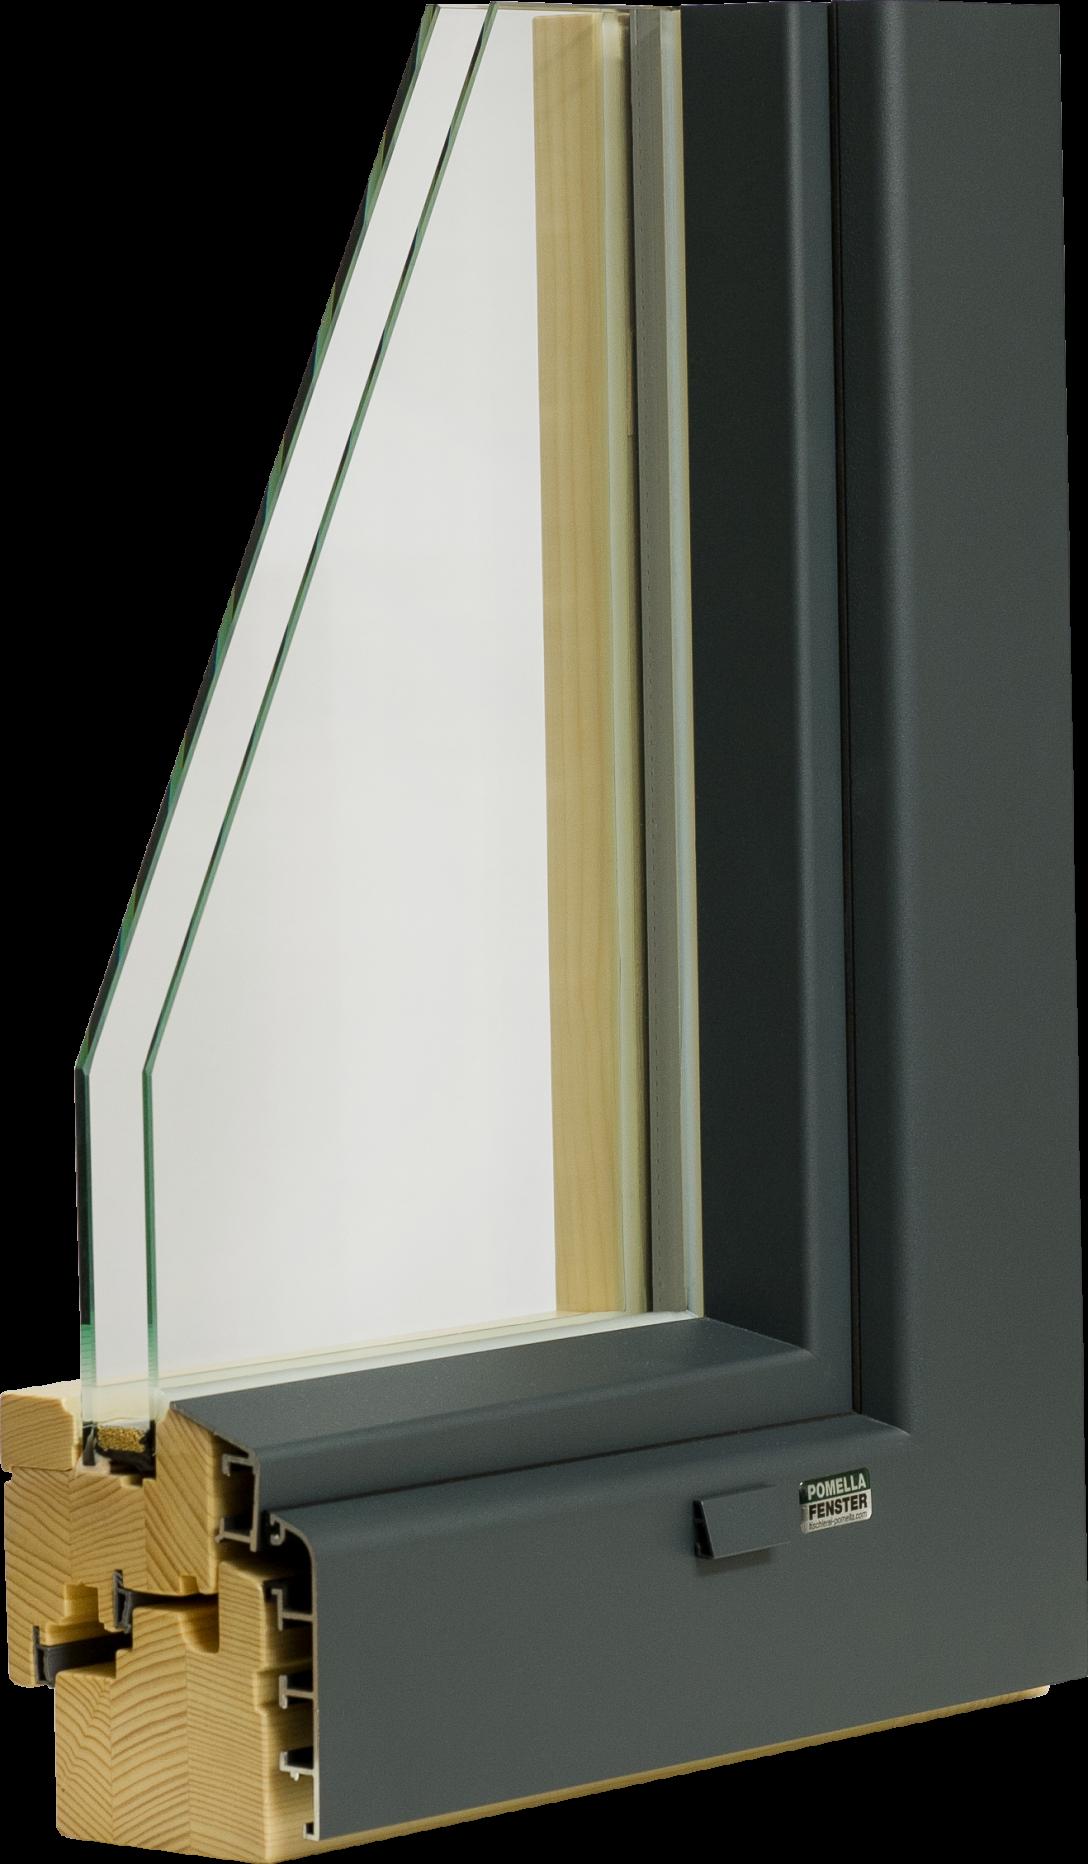 Large Size of Aluminium Fenster Holz Alu Mit 2 Fach Verglasung Aufgesetzer Jalousie Innen Sichtschutzfolien Für Rundes Drutex Fliegengitter Dänische Bremen Alte Kaufen Fenster Aluminium Fenster